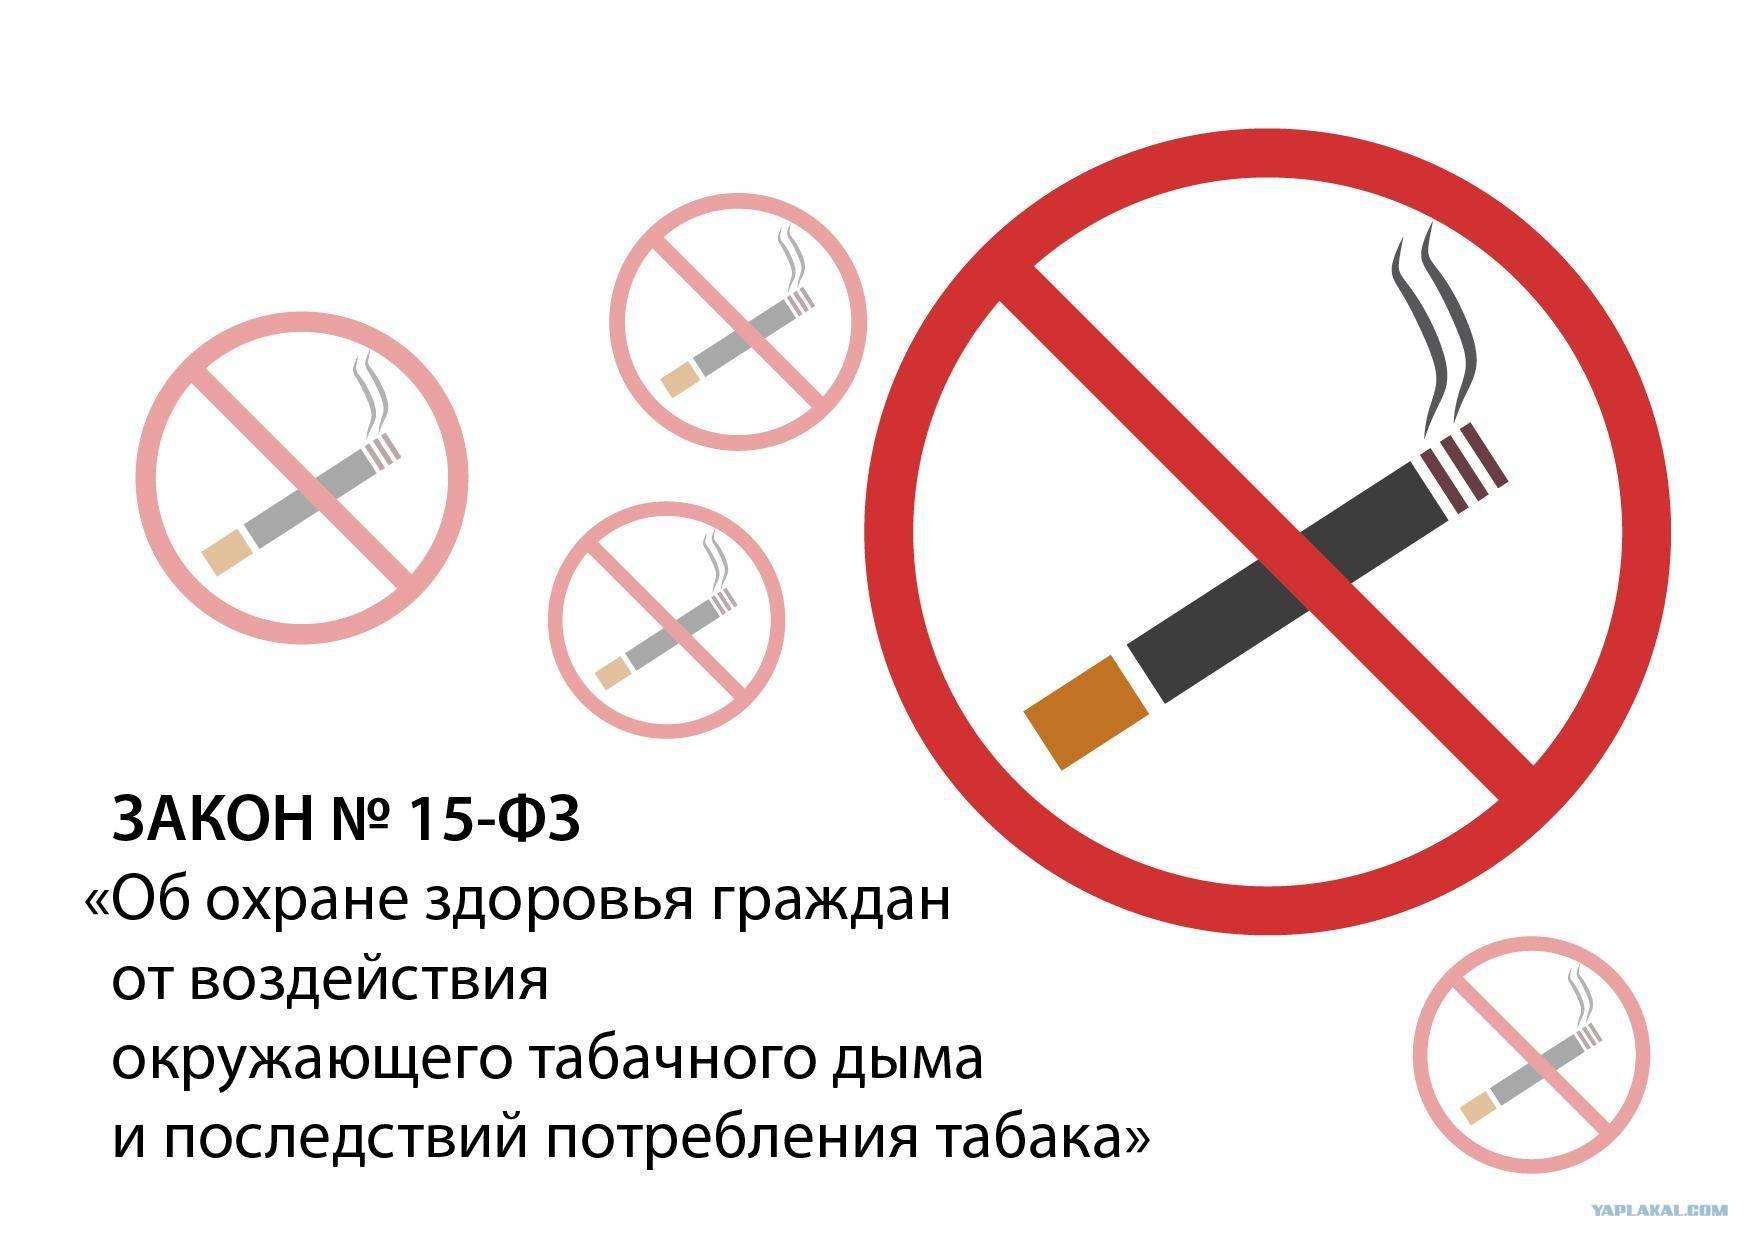 Можно ли курить айкос в общественном месте – запрещено или нет